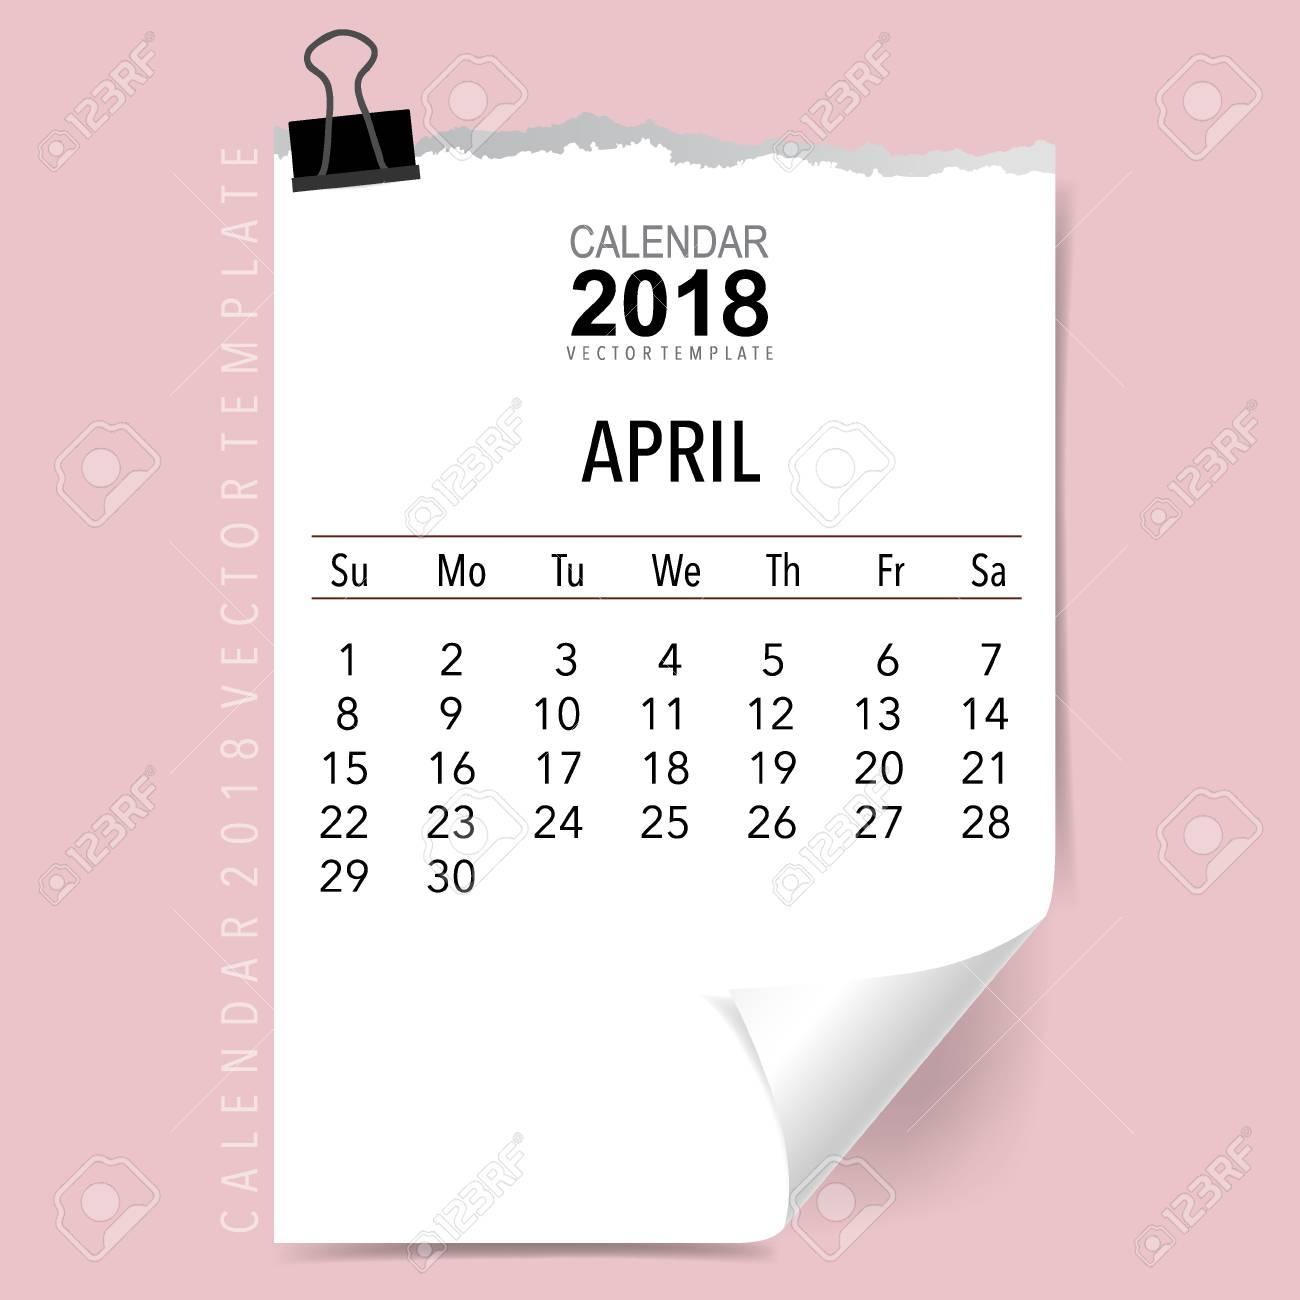 2018 Calendario Planificador De Diseño Vectorial, Plantilla De ...